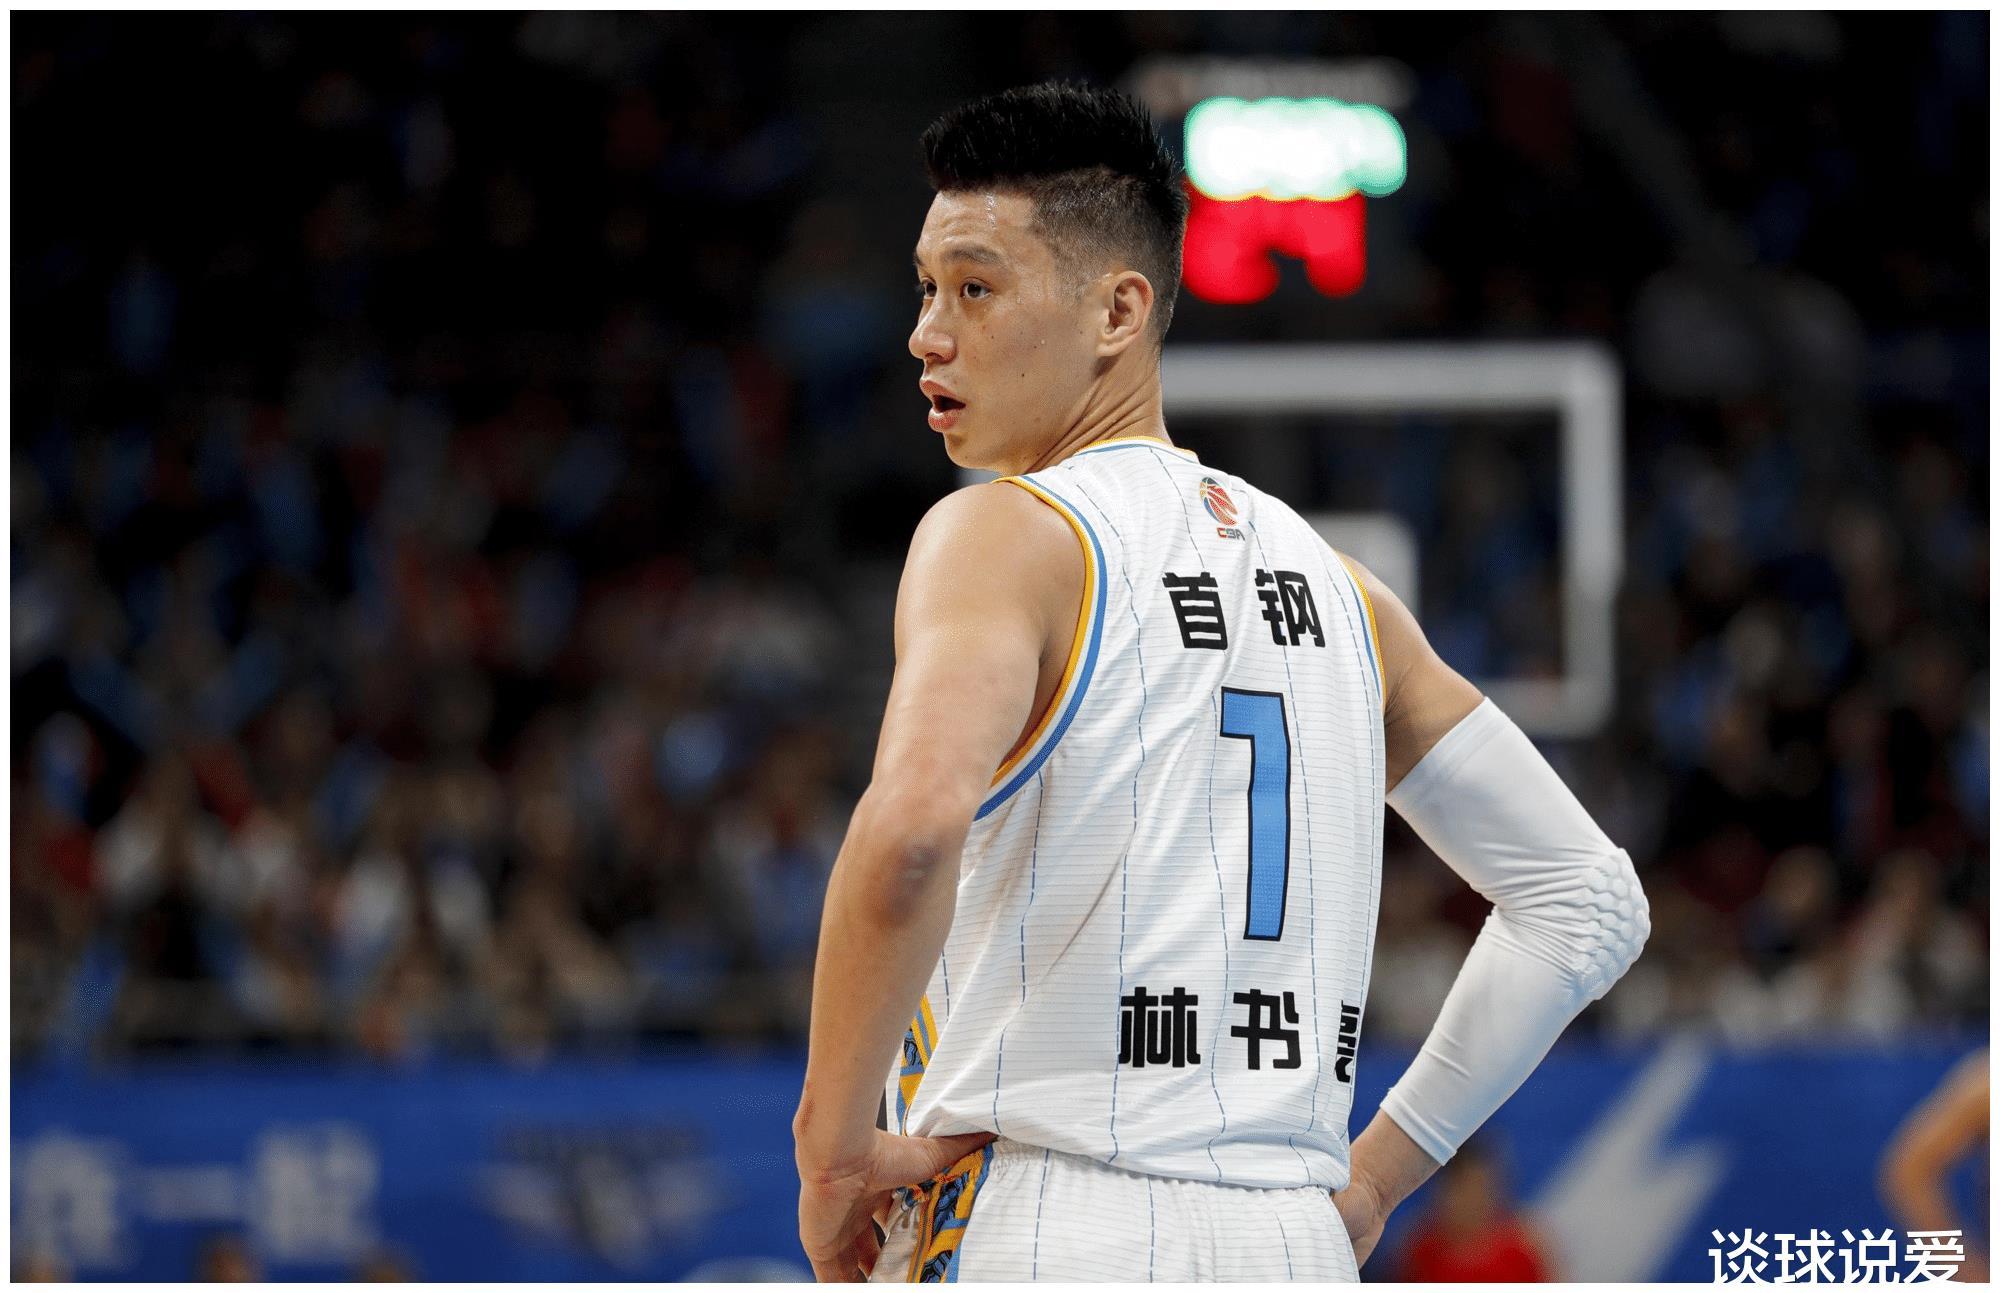 仍有机会重返NBA联盟的十位待业球员